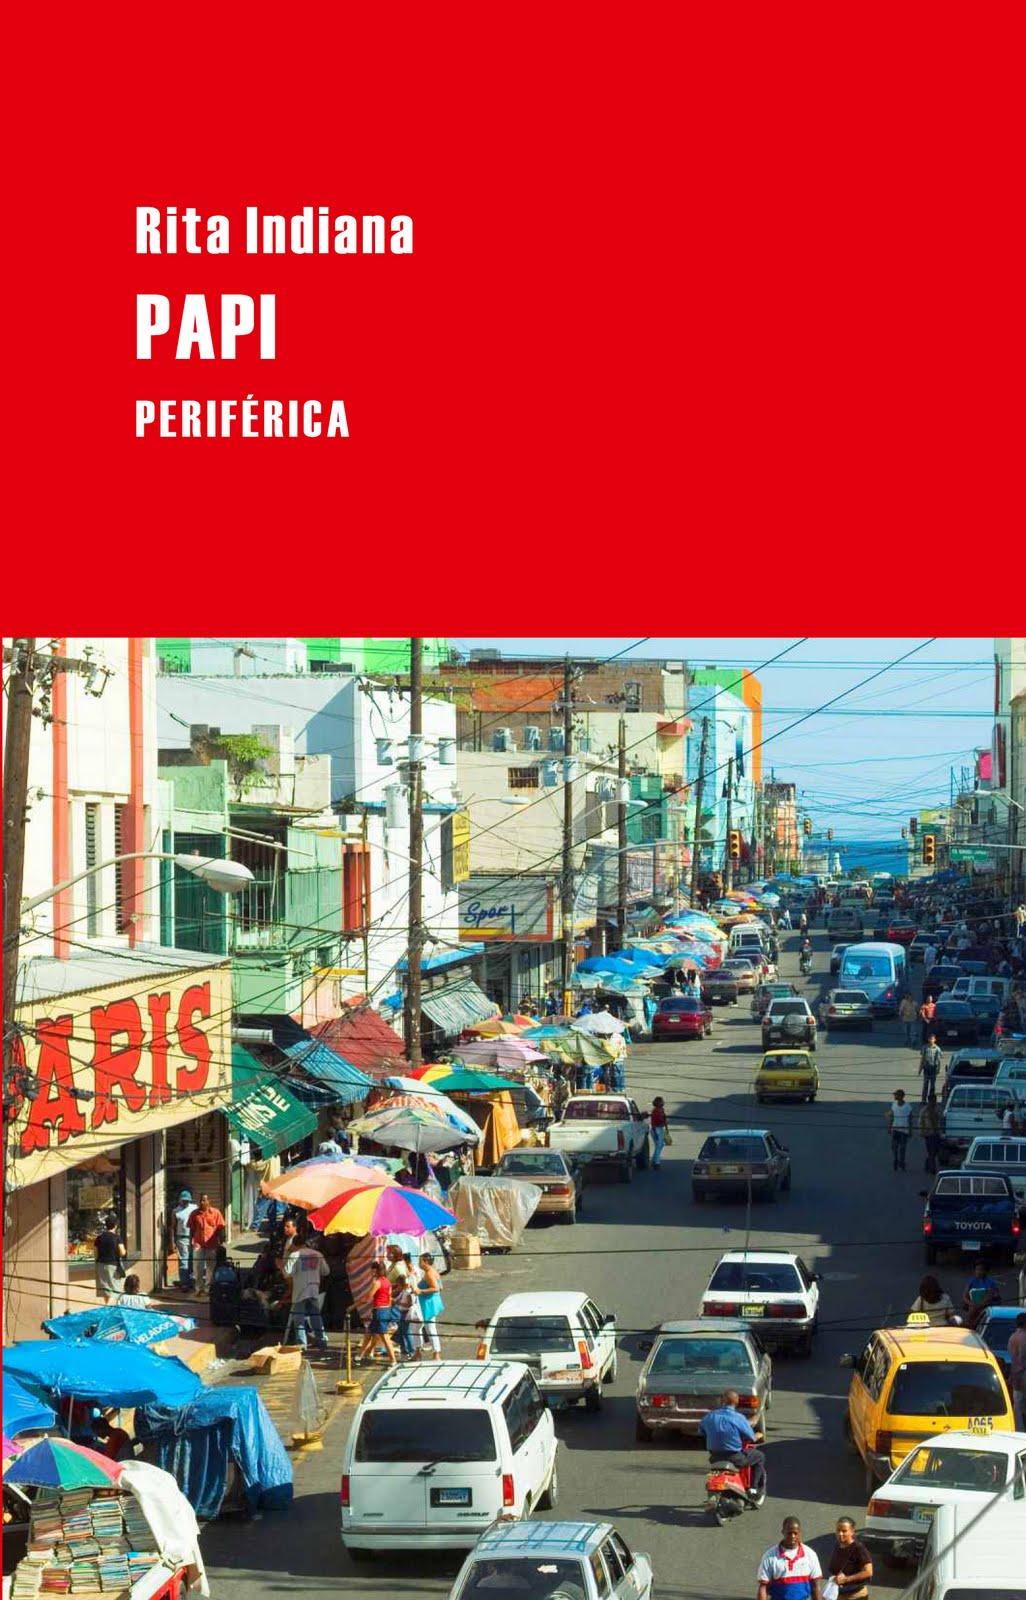 Papi - Indiana Rita